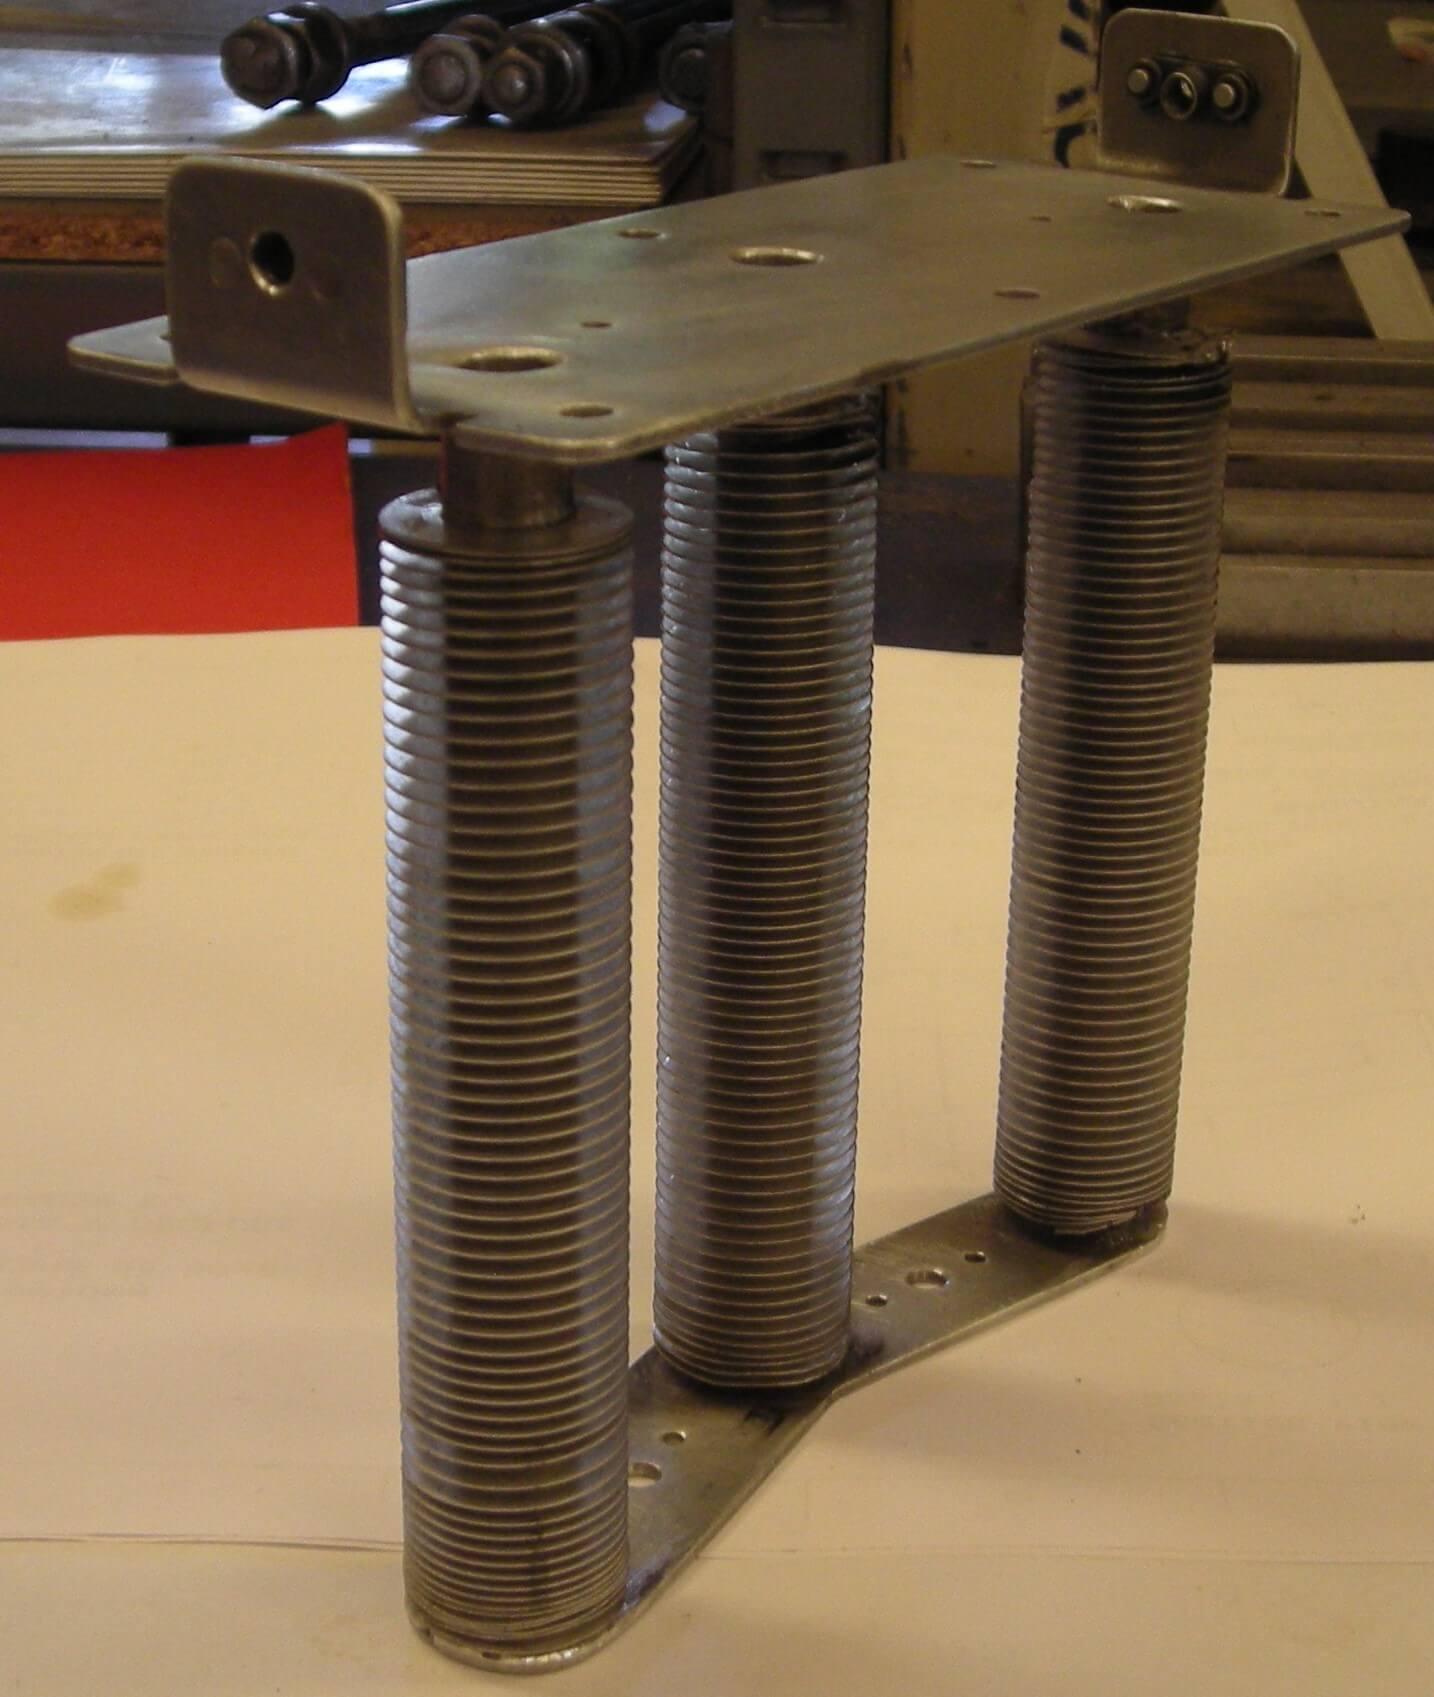 DSCN3721 - General tools